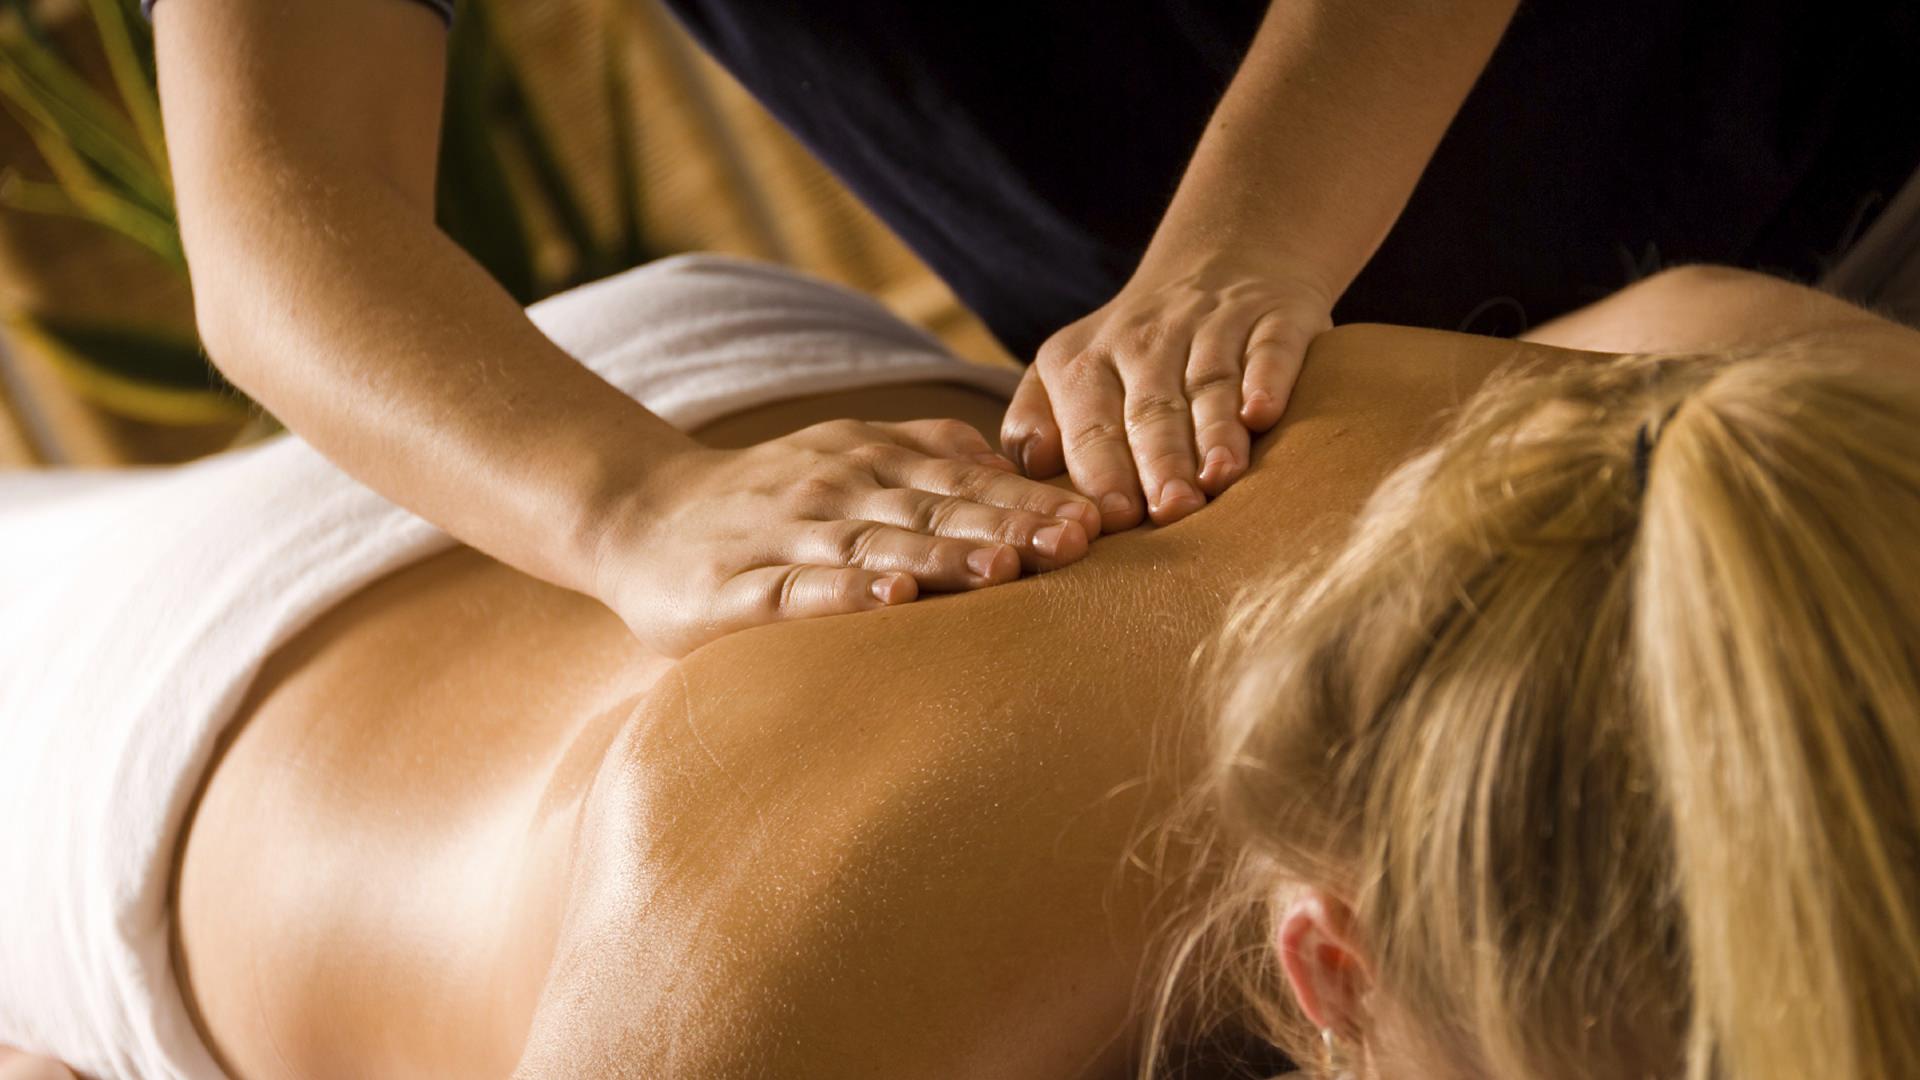 Troppo stress ti rende intrattabile? Scopri come rimediare con un massaggio rilassante